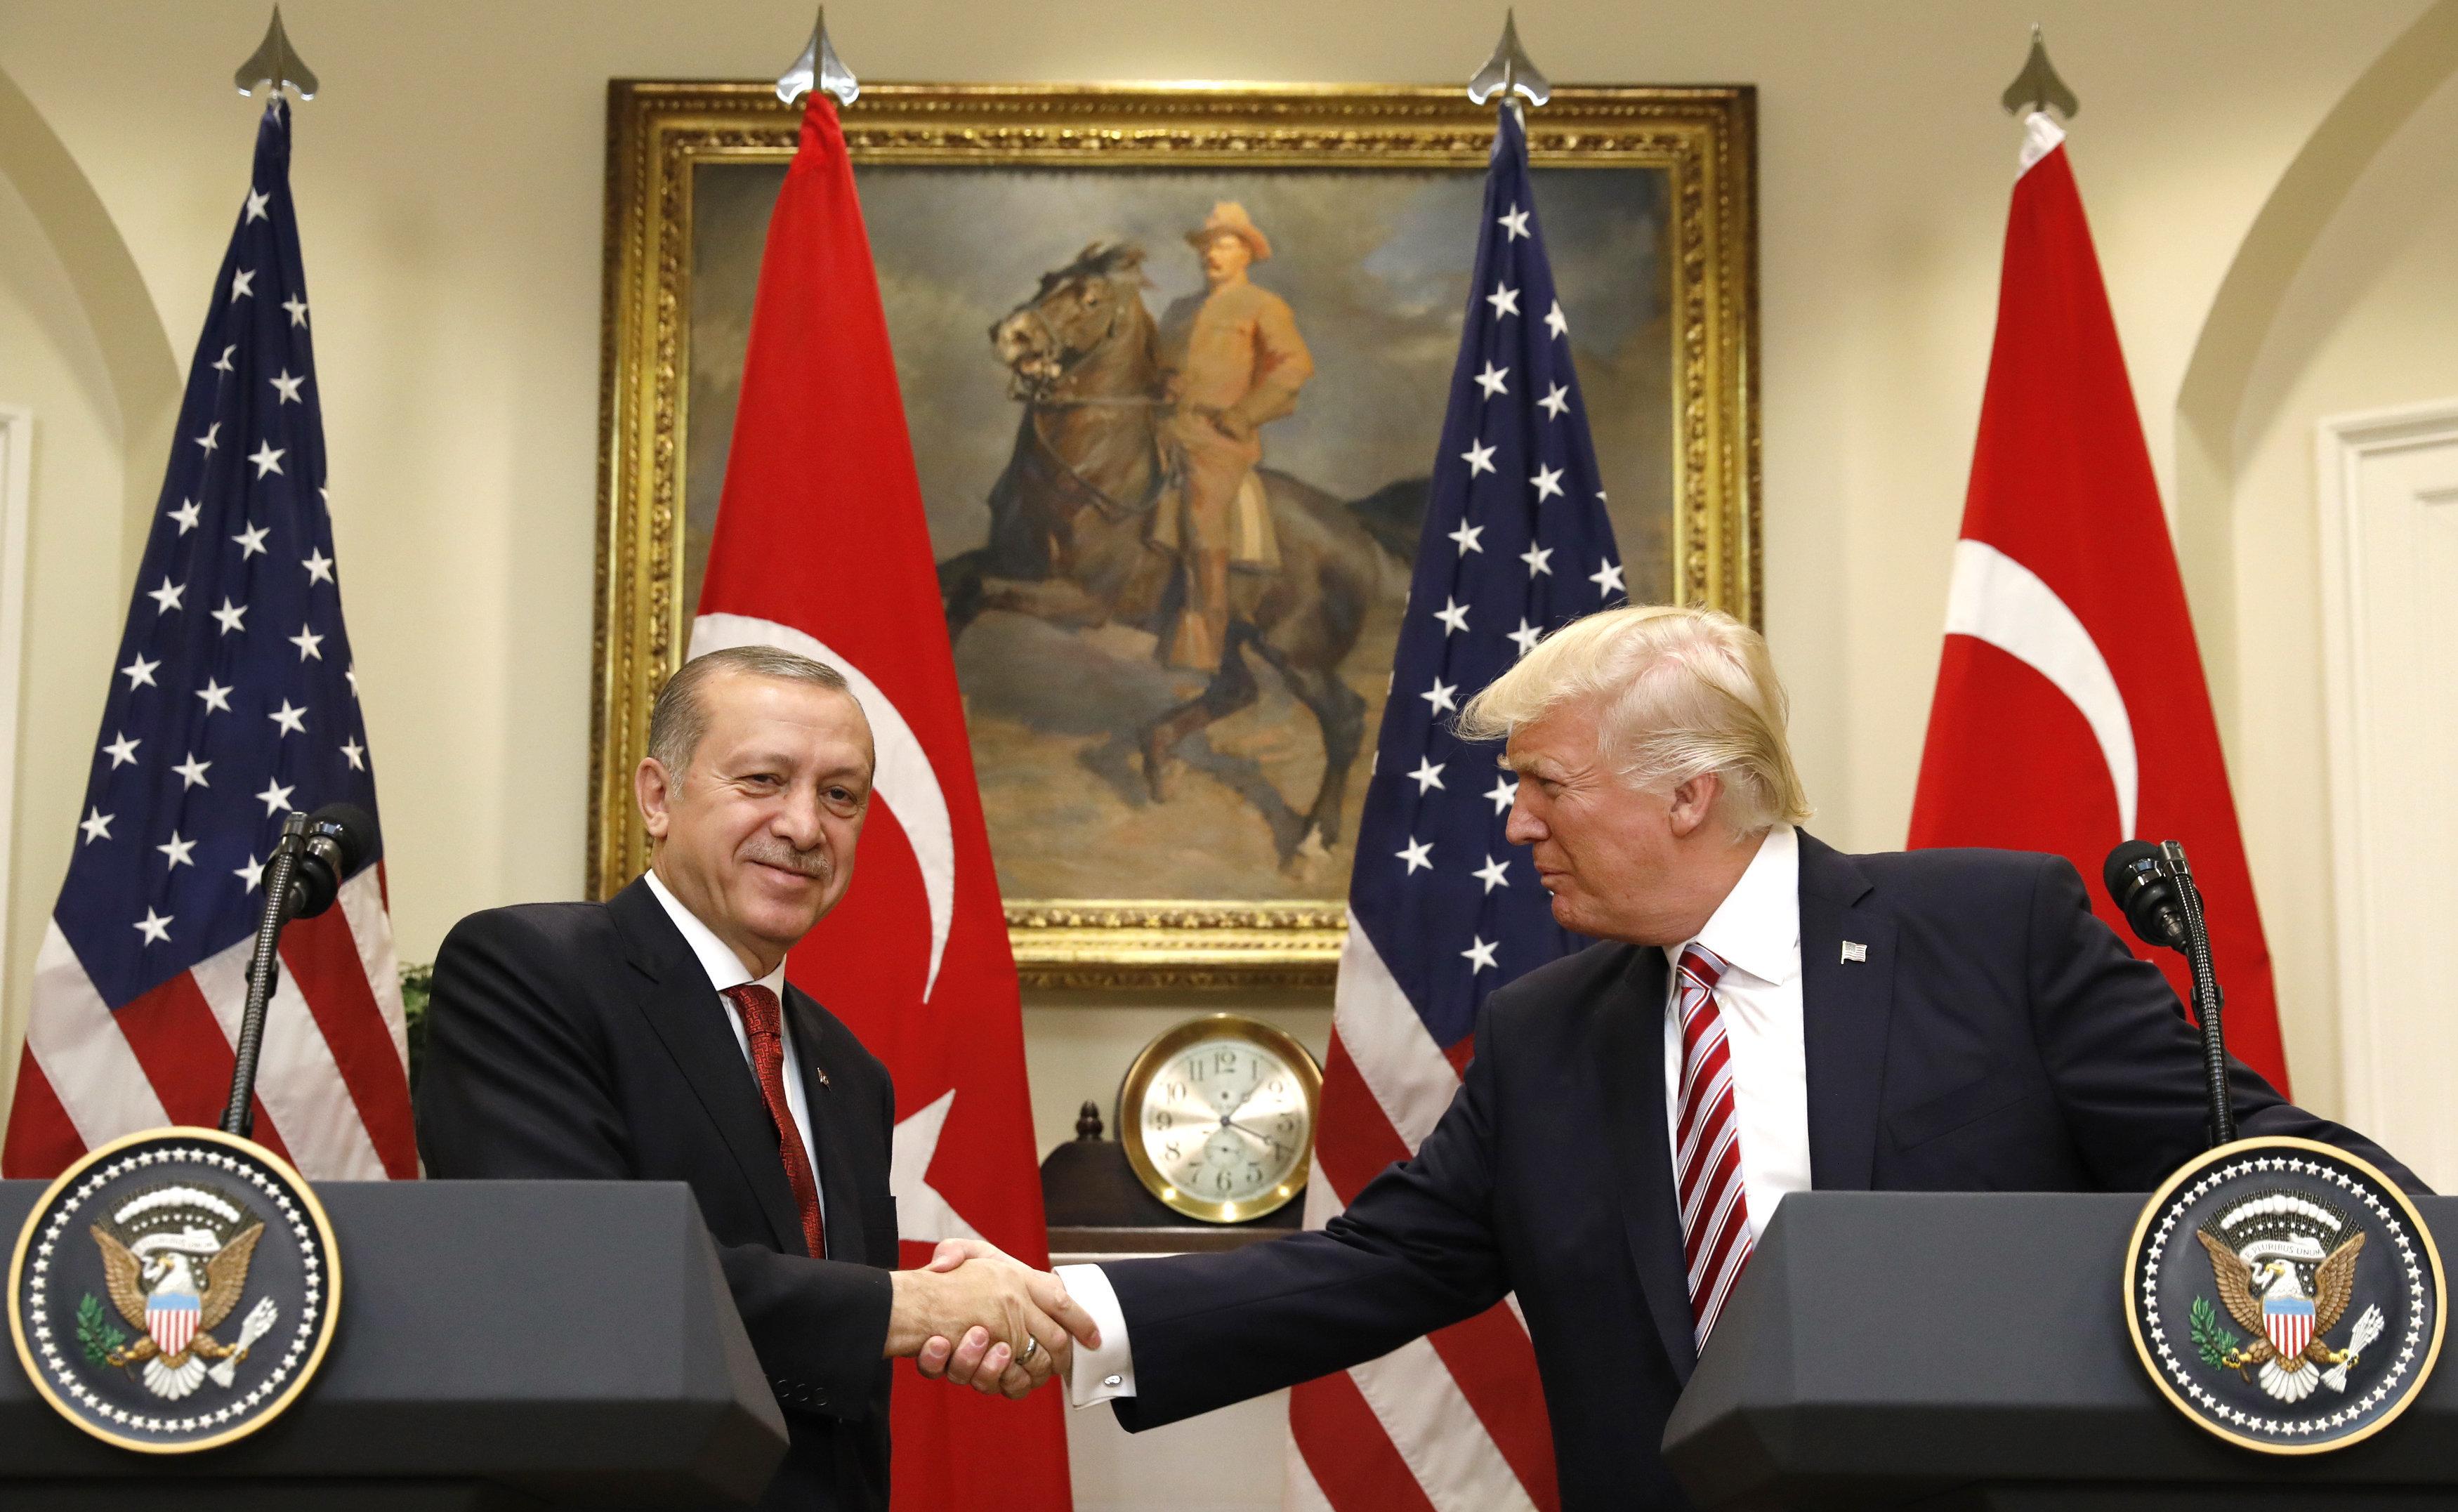 Ο Τραμπ συνεχάρη τον Ερντογάν για τη νίκη του στις